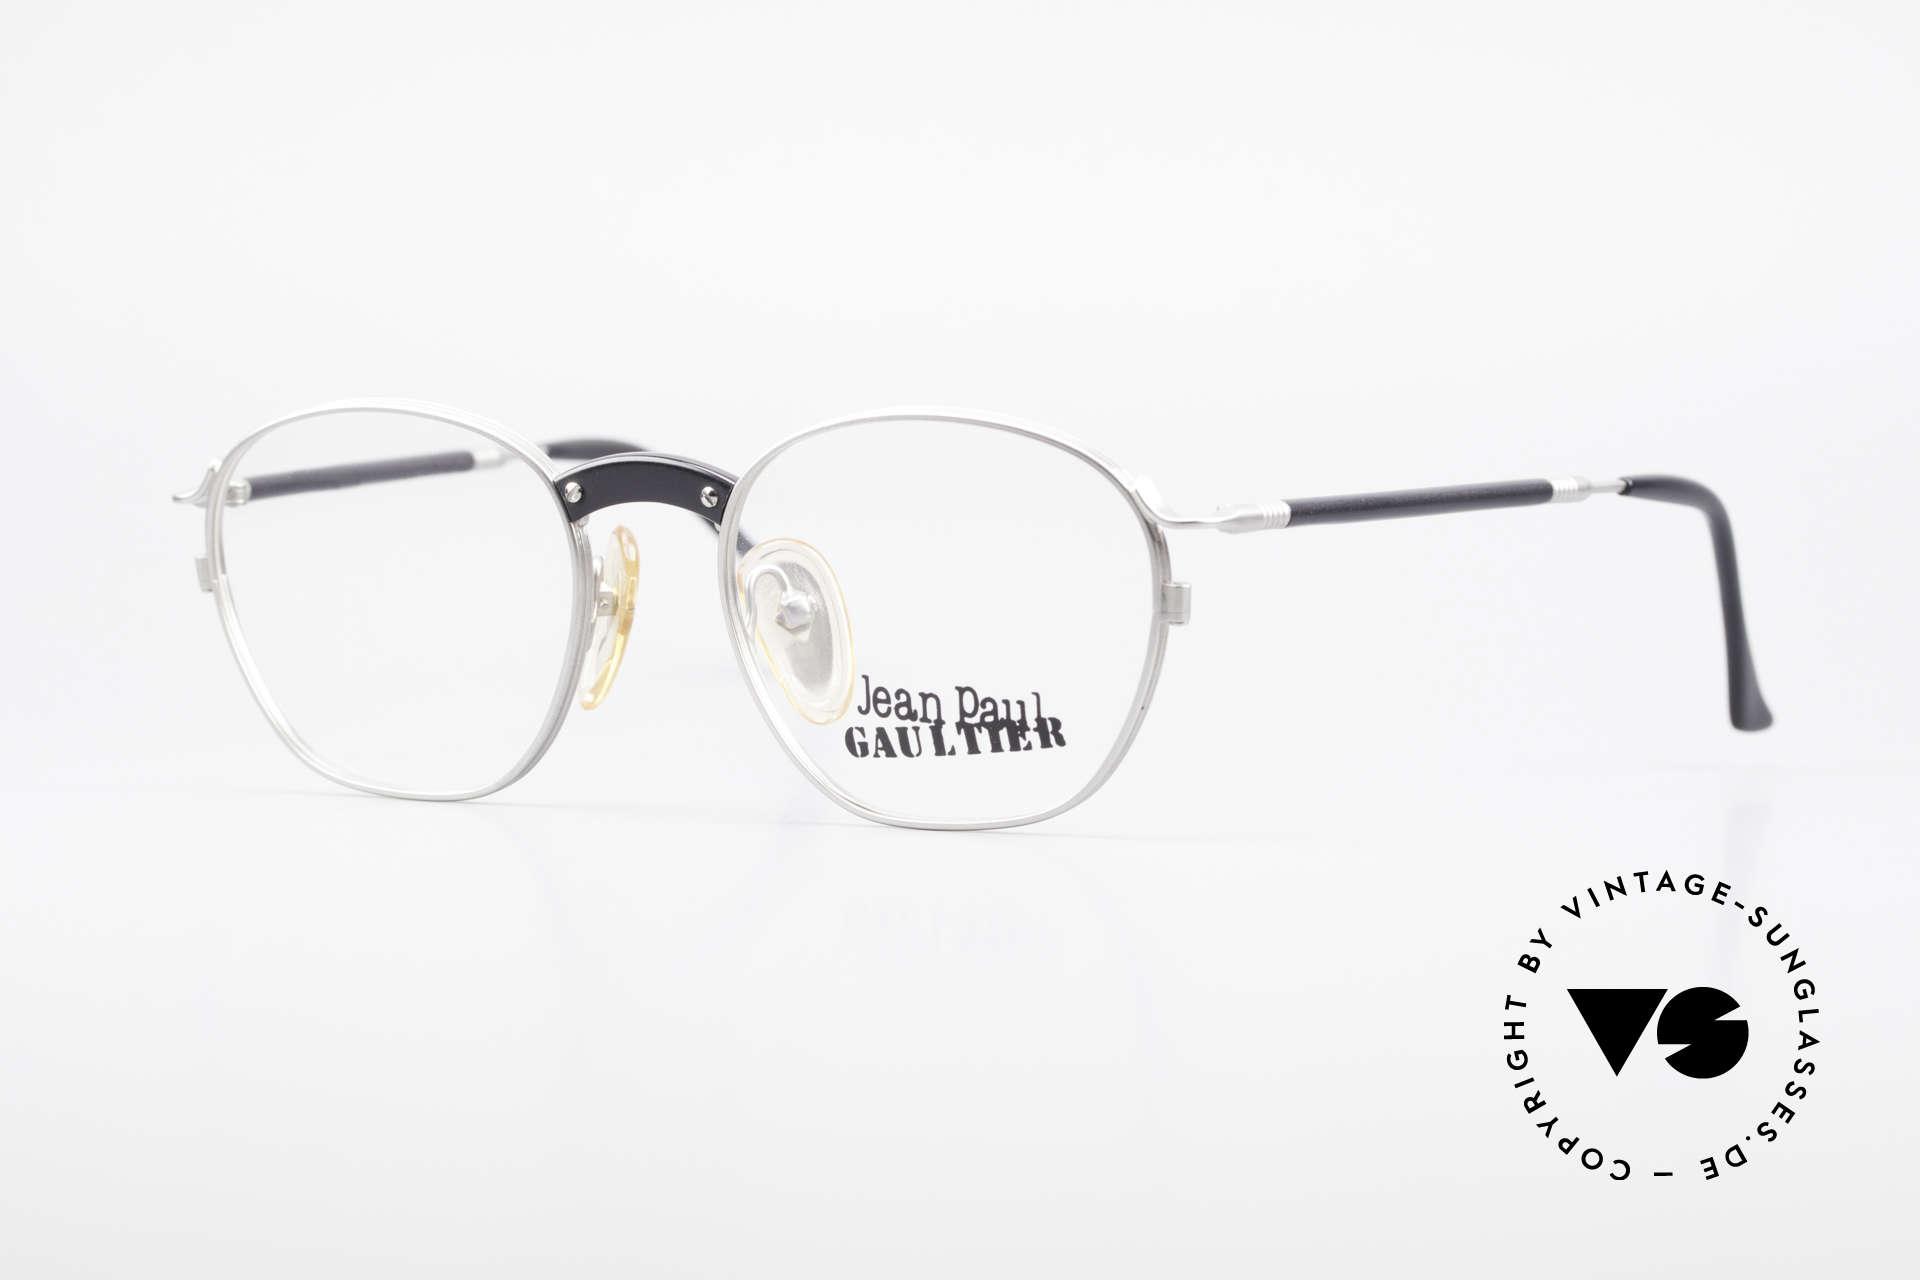 Jean Paul Gaultier 55-1271 Rare Alte Vintage Brille JPG, alte vintage Designer-Fassung von Jean Paul Gaultier, Passend für Herren und Damen